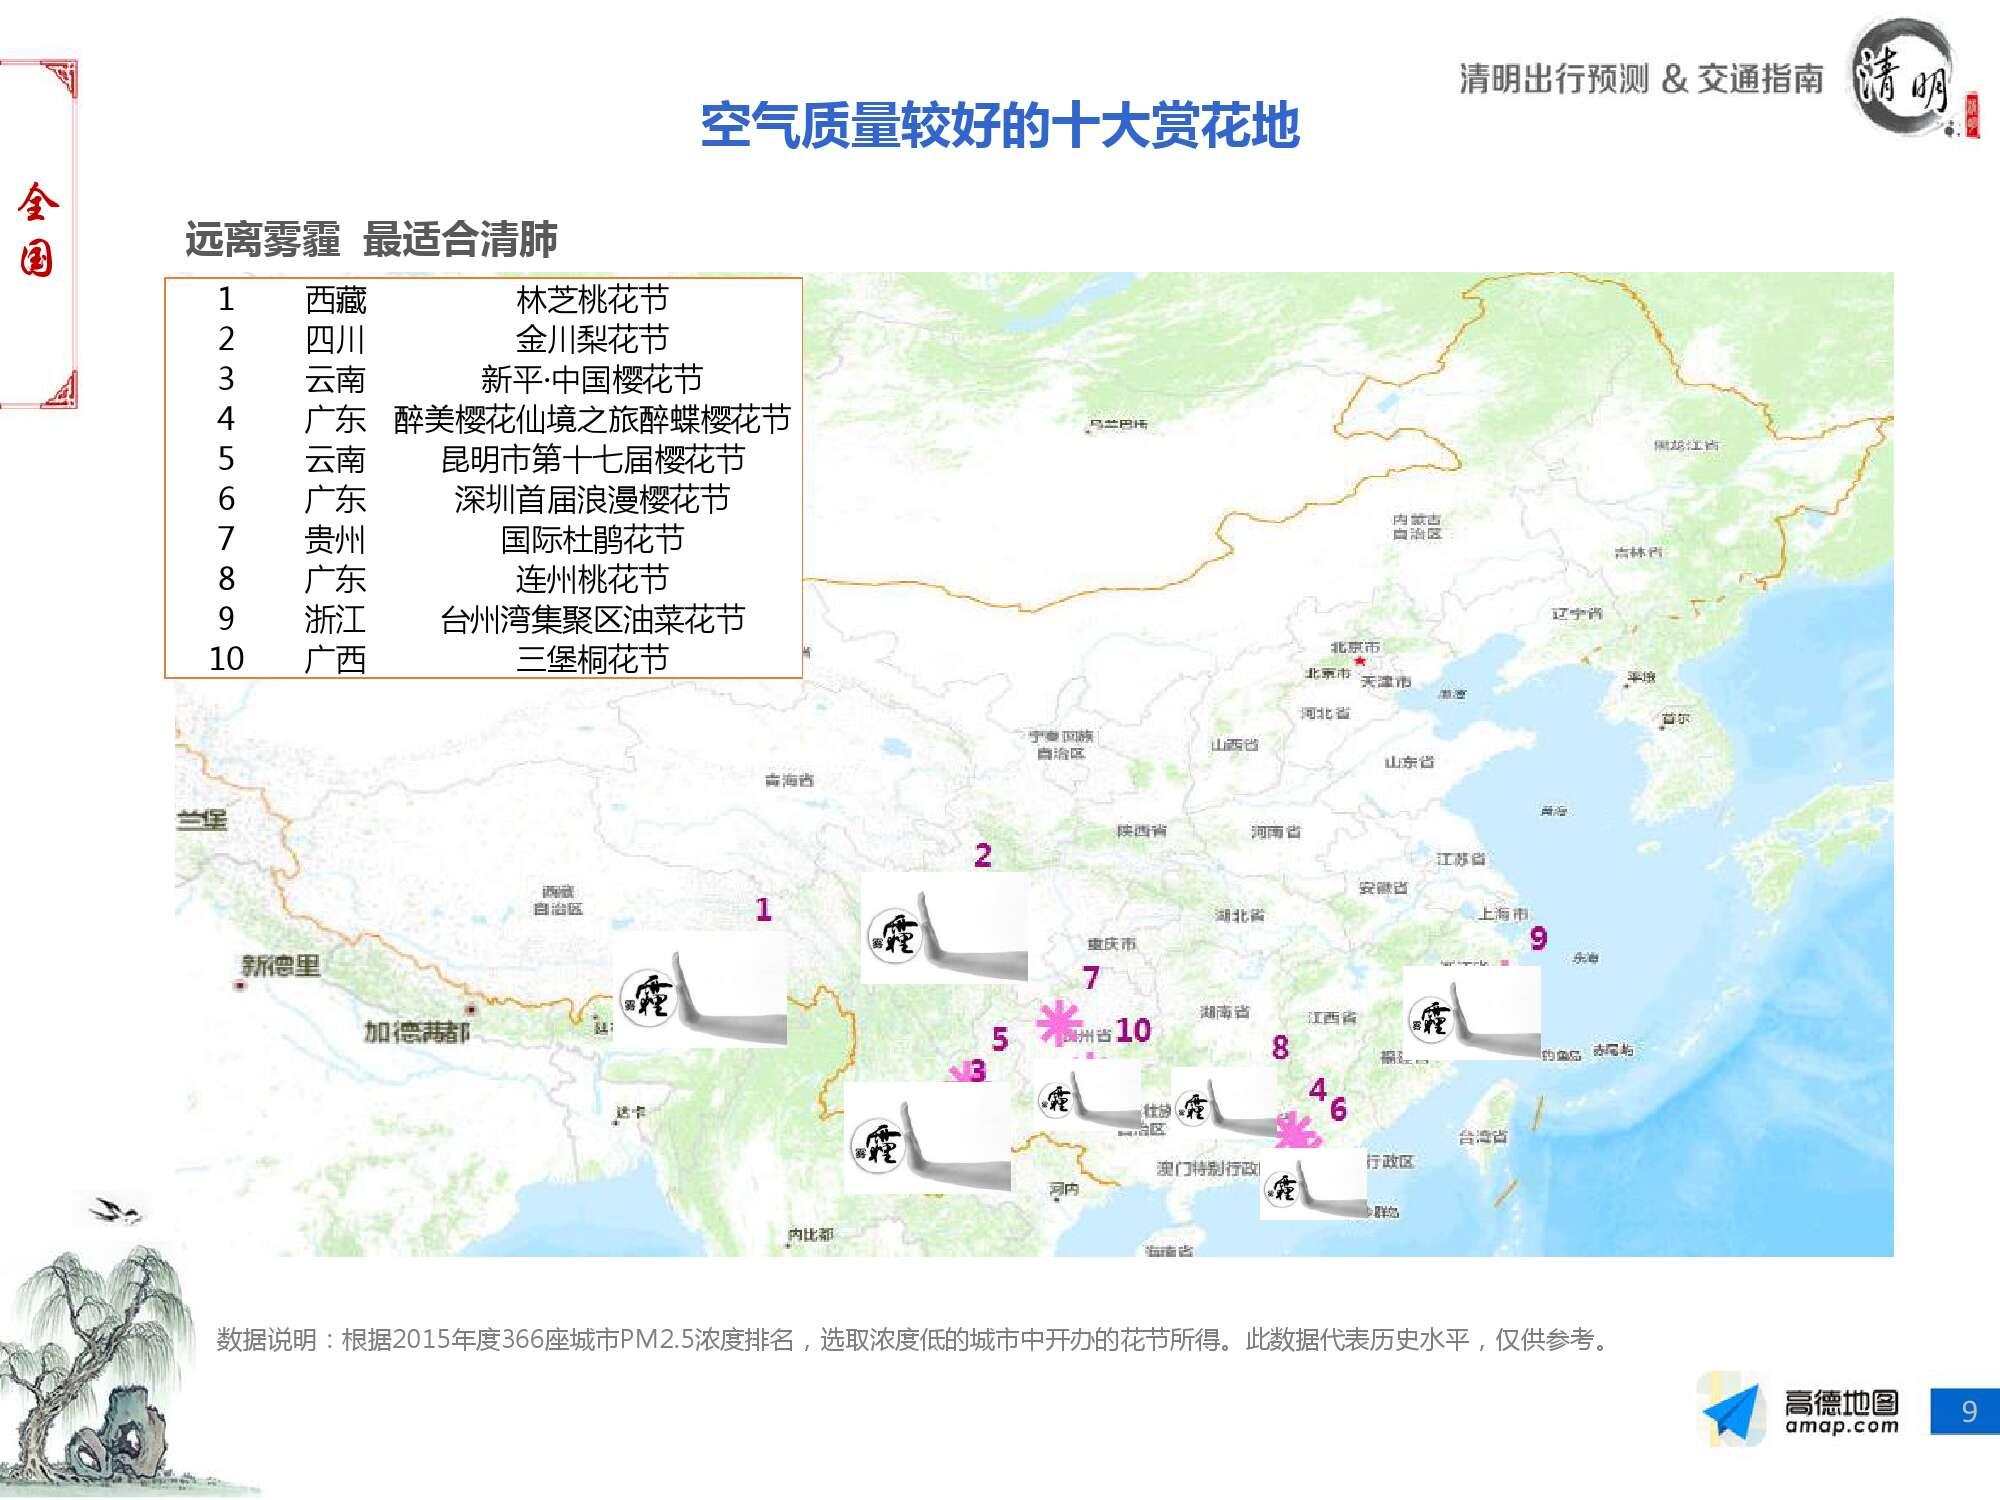 2016年清明节出行预测报告-final_000009